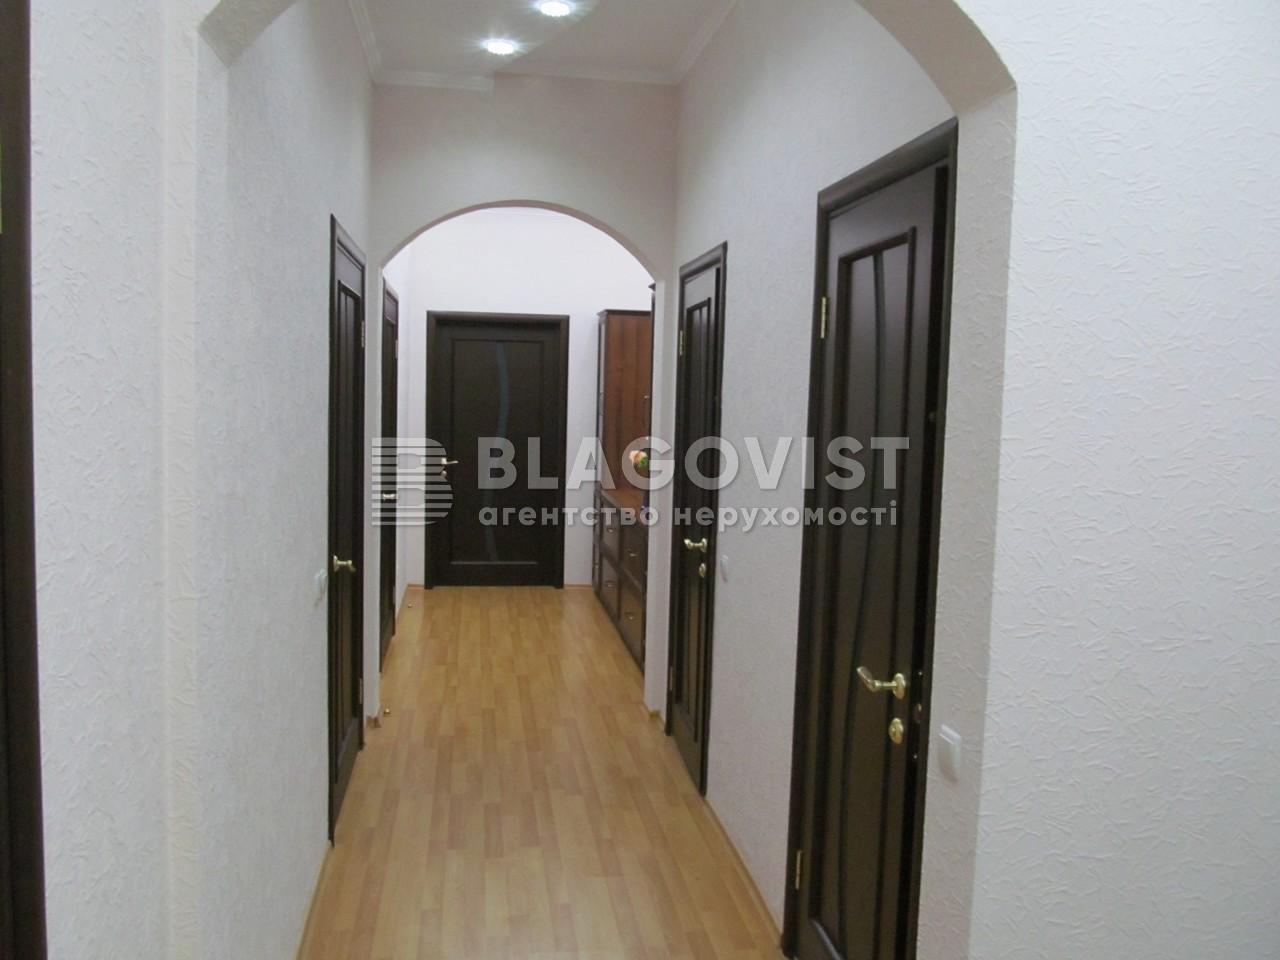 Квартира E-13012, Коновальца Евгения (Щорса), 32б, Киев - Фото 21